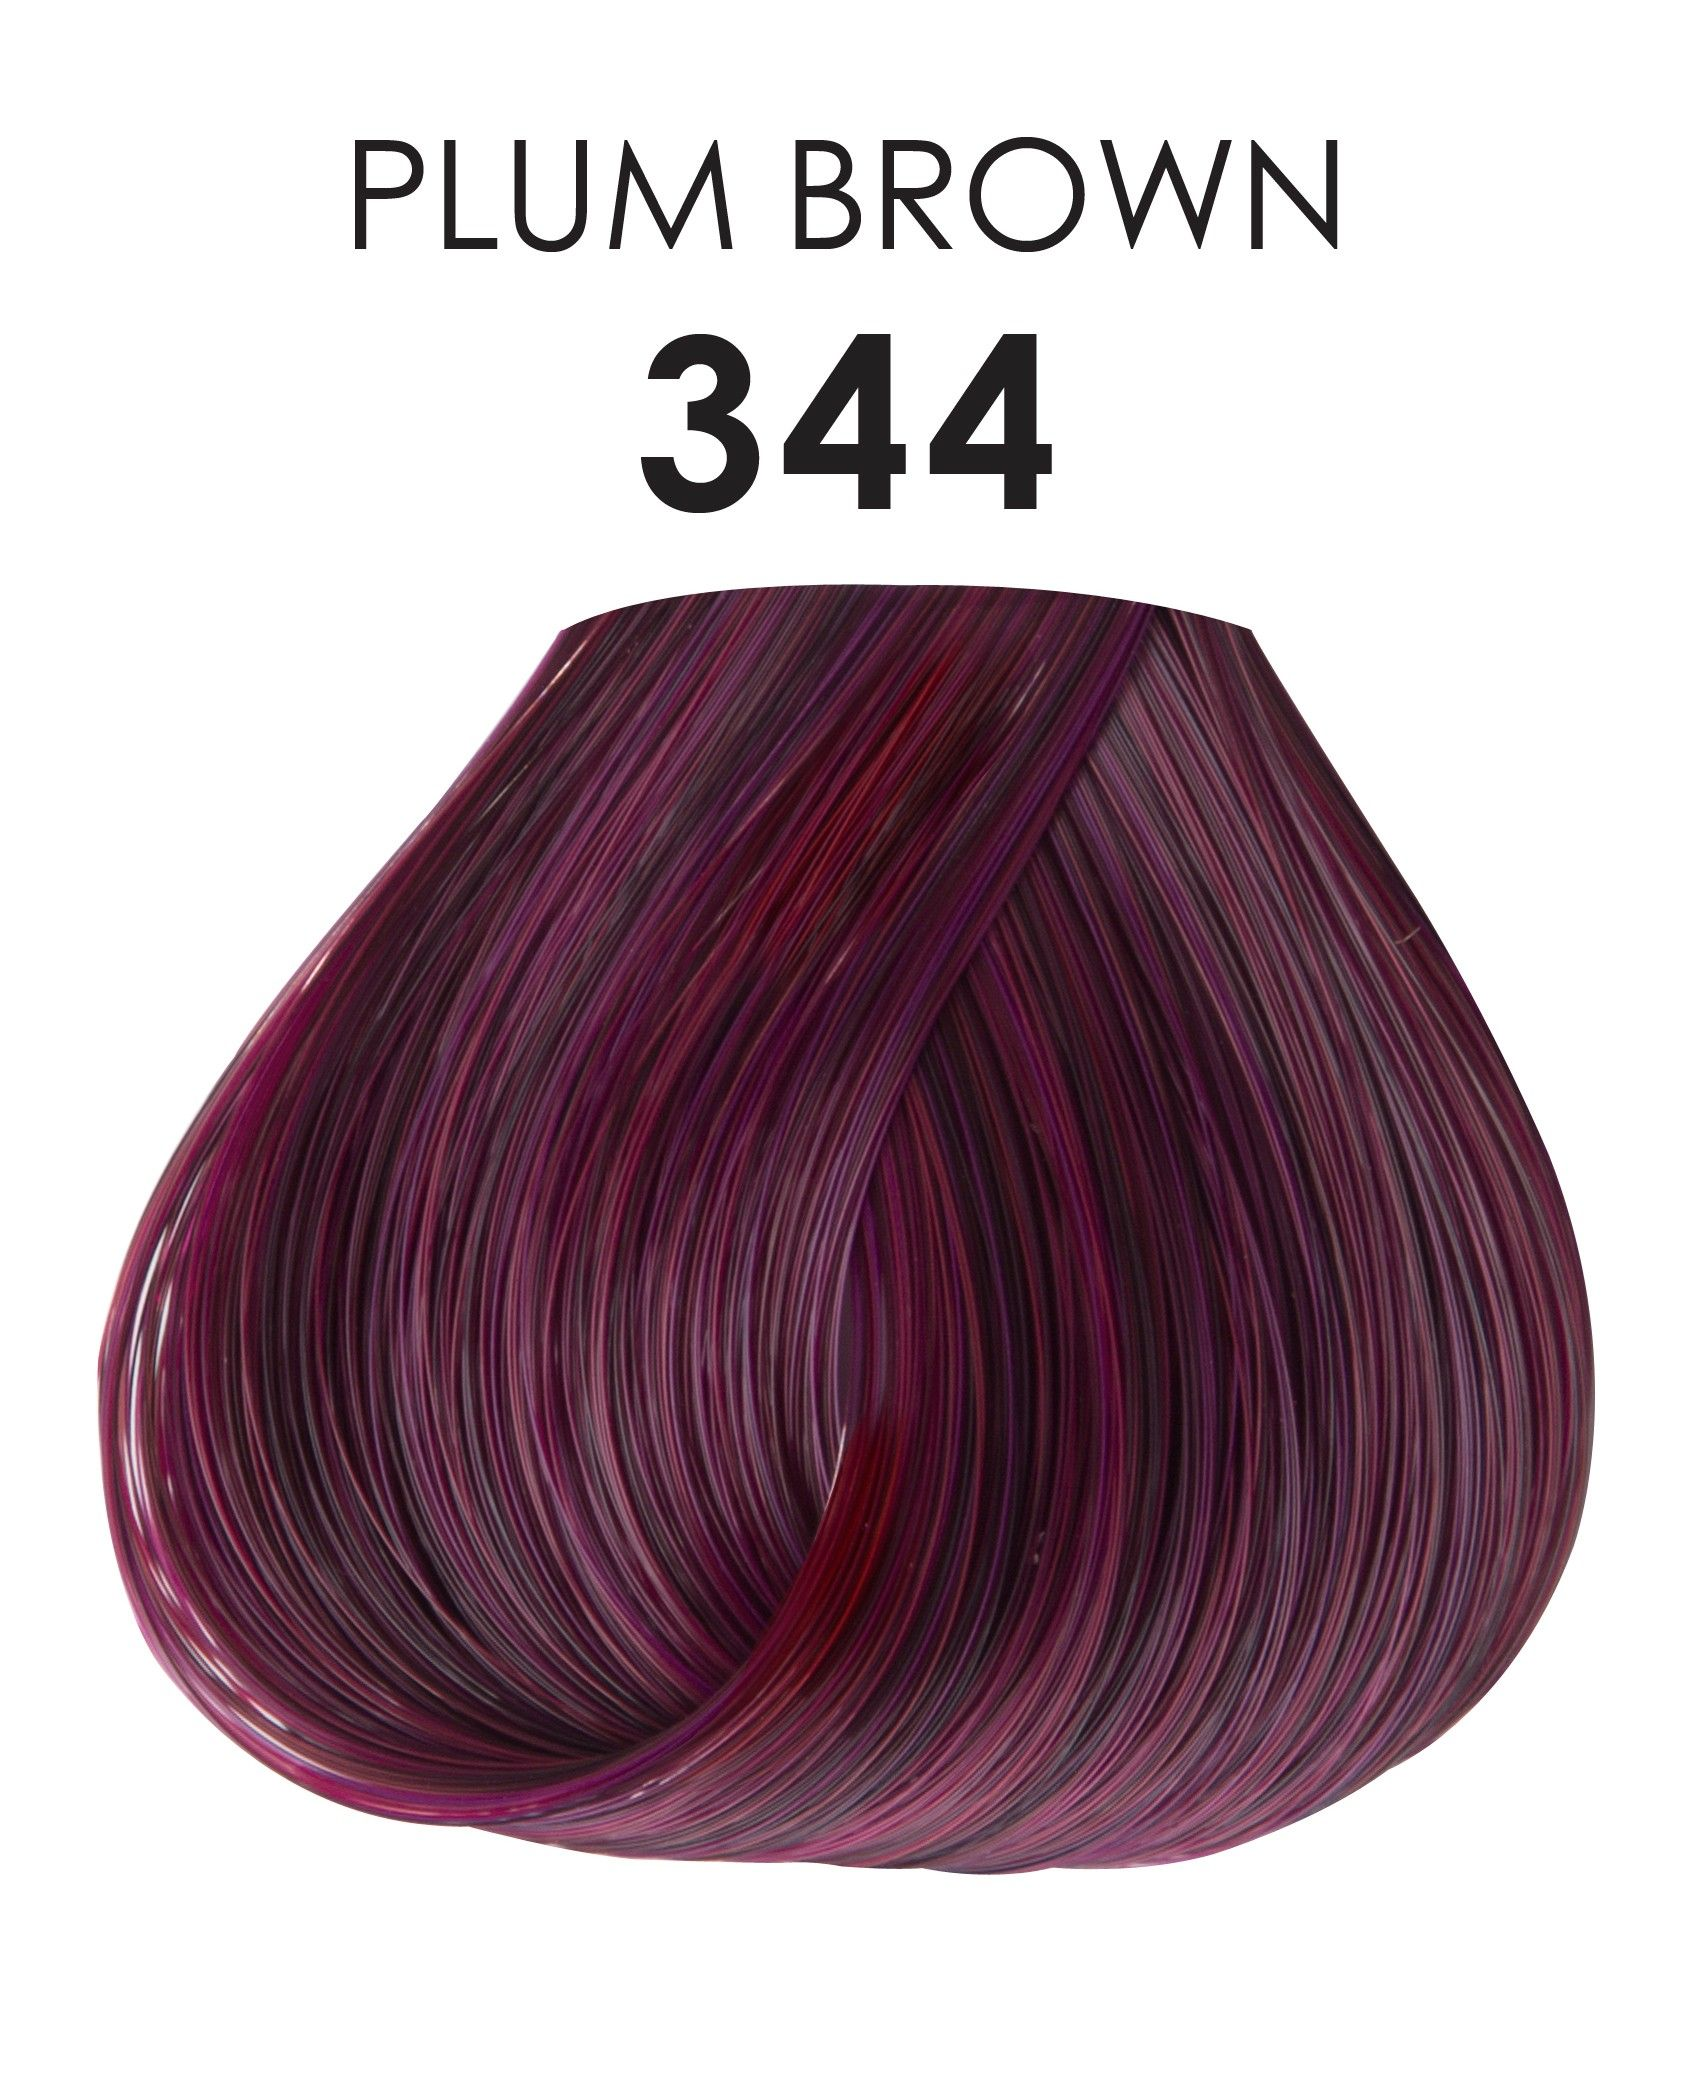 T Cltradingfl Com Media Catalog Product Cache 1 Image 9df78eab33525d08d6e5fb8d27136e95 A D Adore Plus Swatch 344 Jp Hair Color Plum Hair Styles Plum Brown Hair